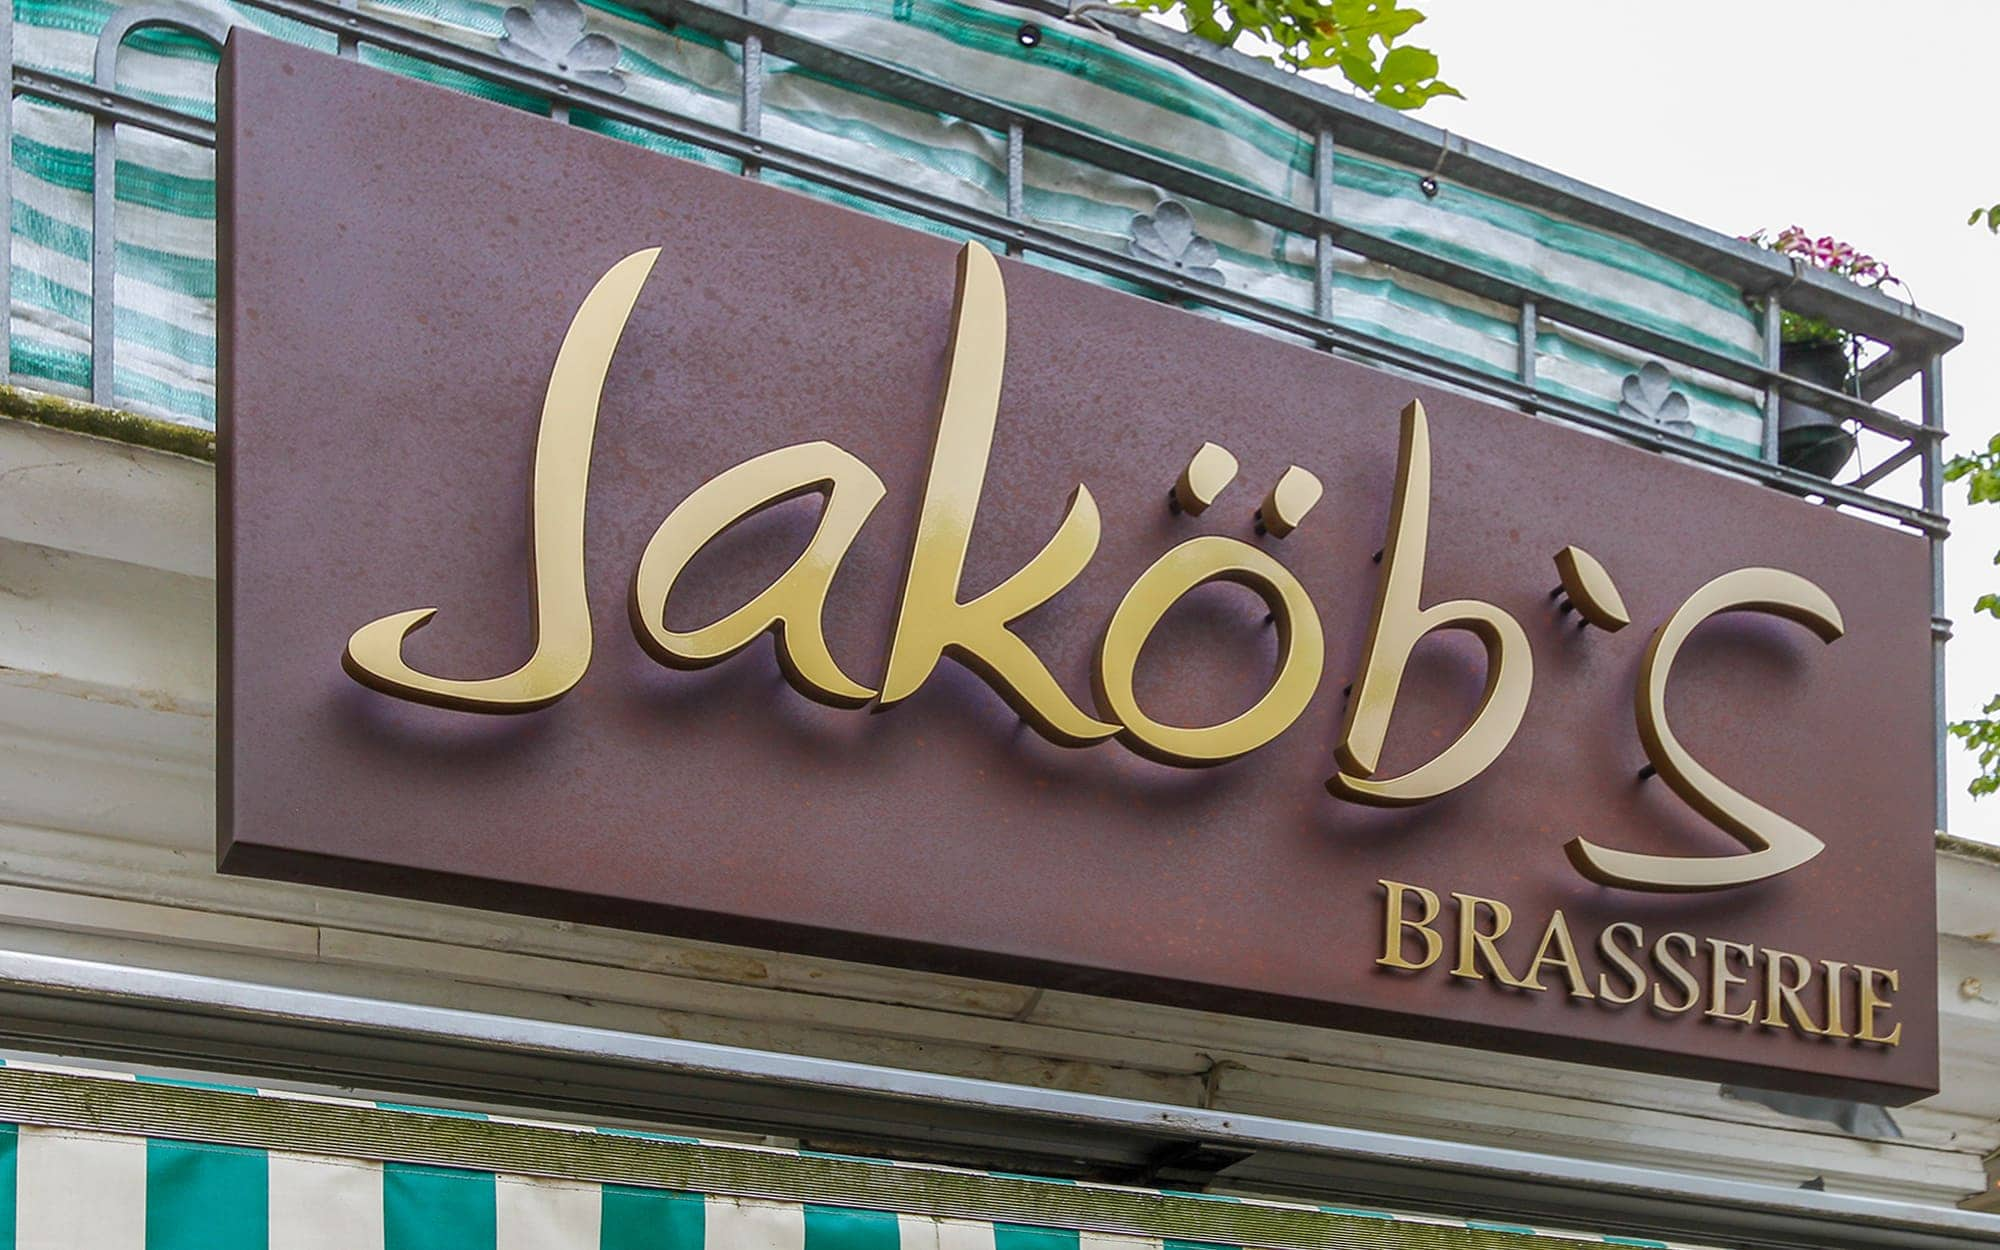 Profilbuchstaben auf Abstand montiert auf ein abgekantetes Blech aus gerostetem Worten-Stahl. Werbung für eine Hamburger Brasserie